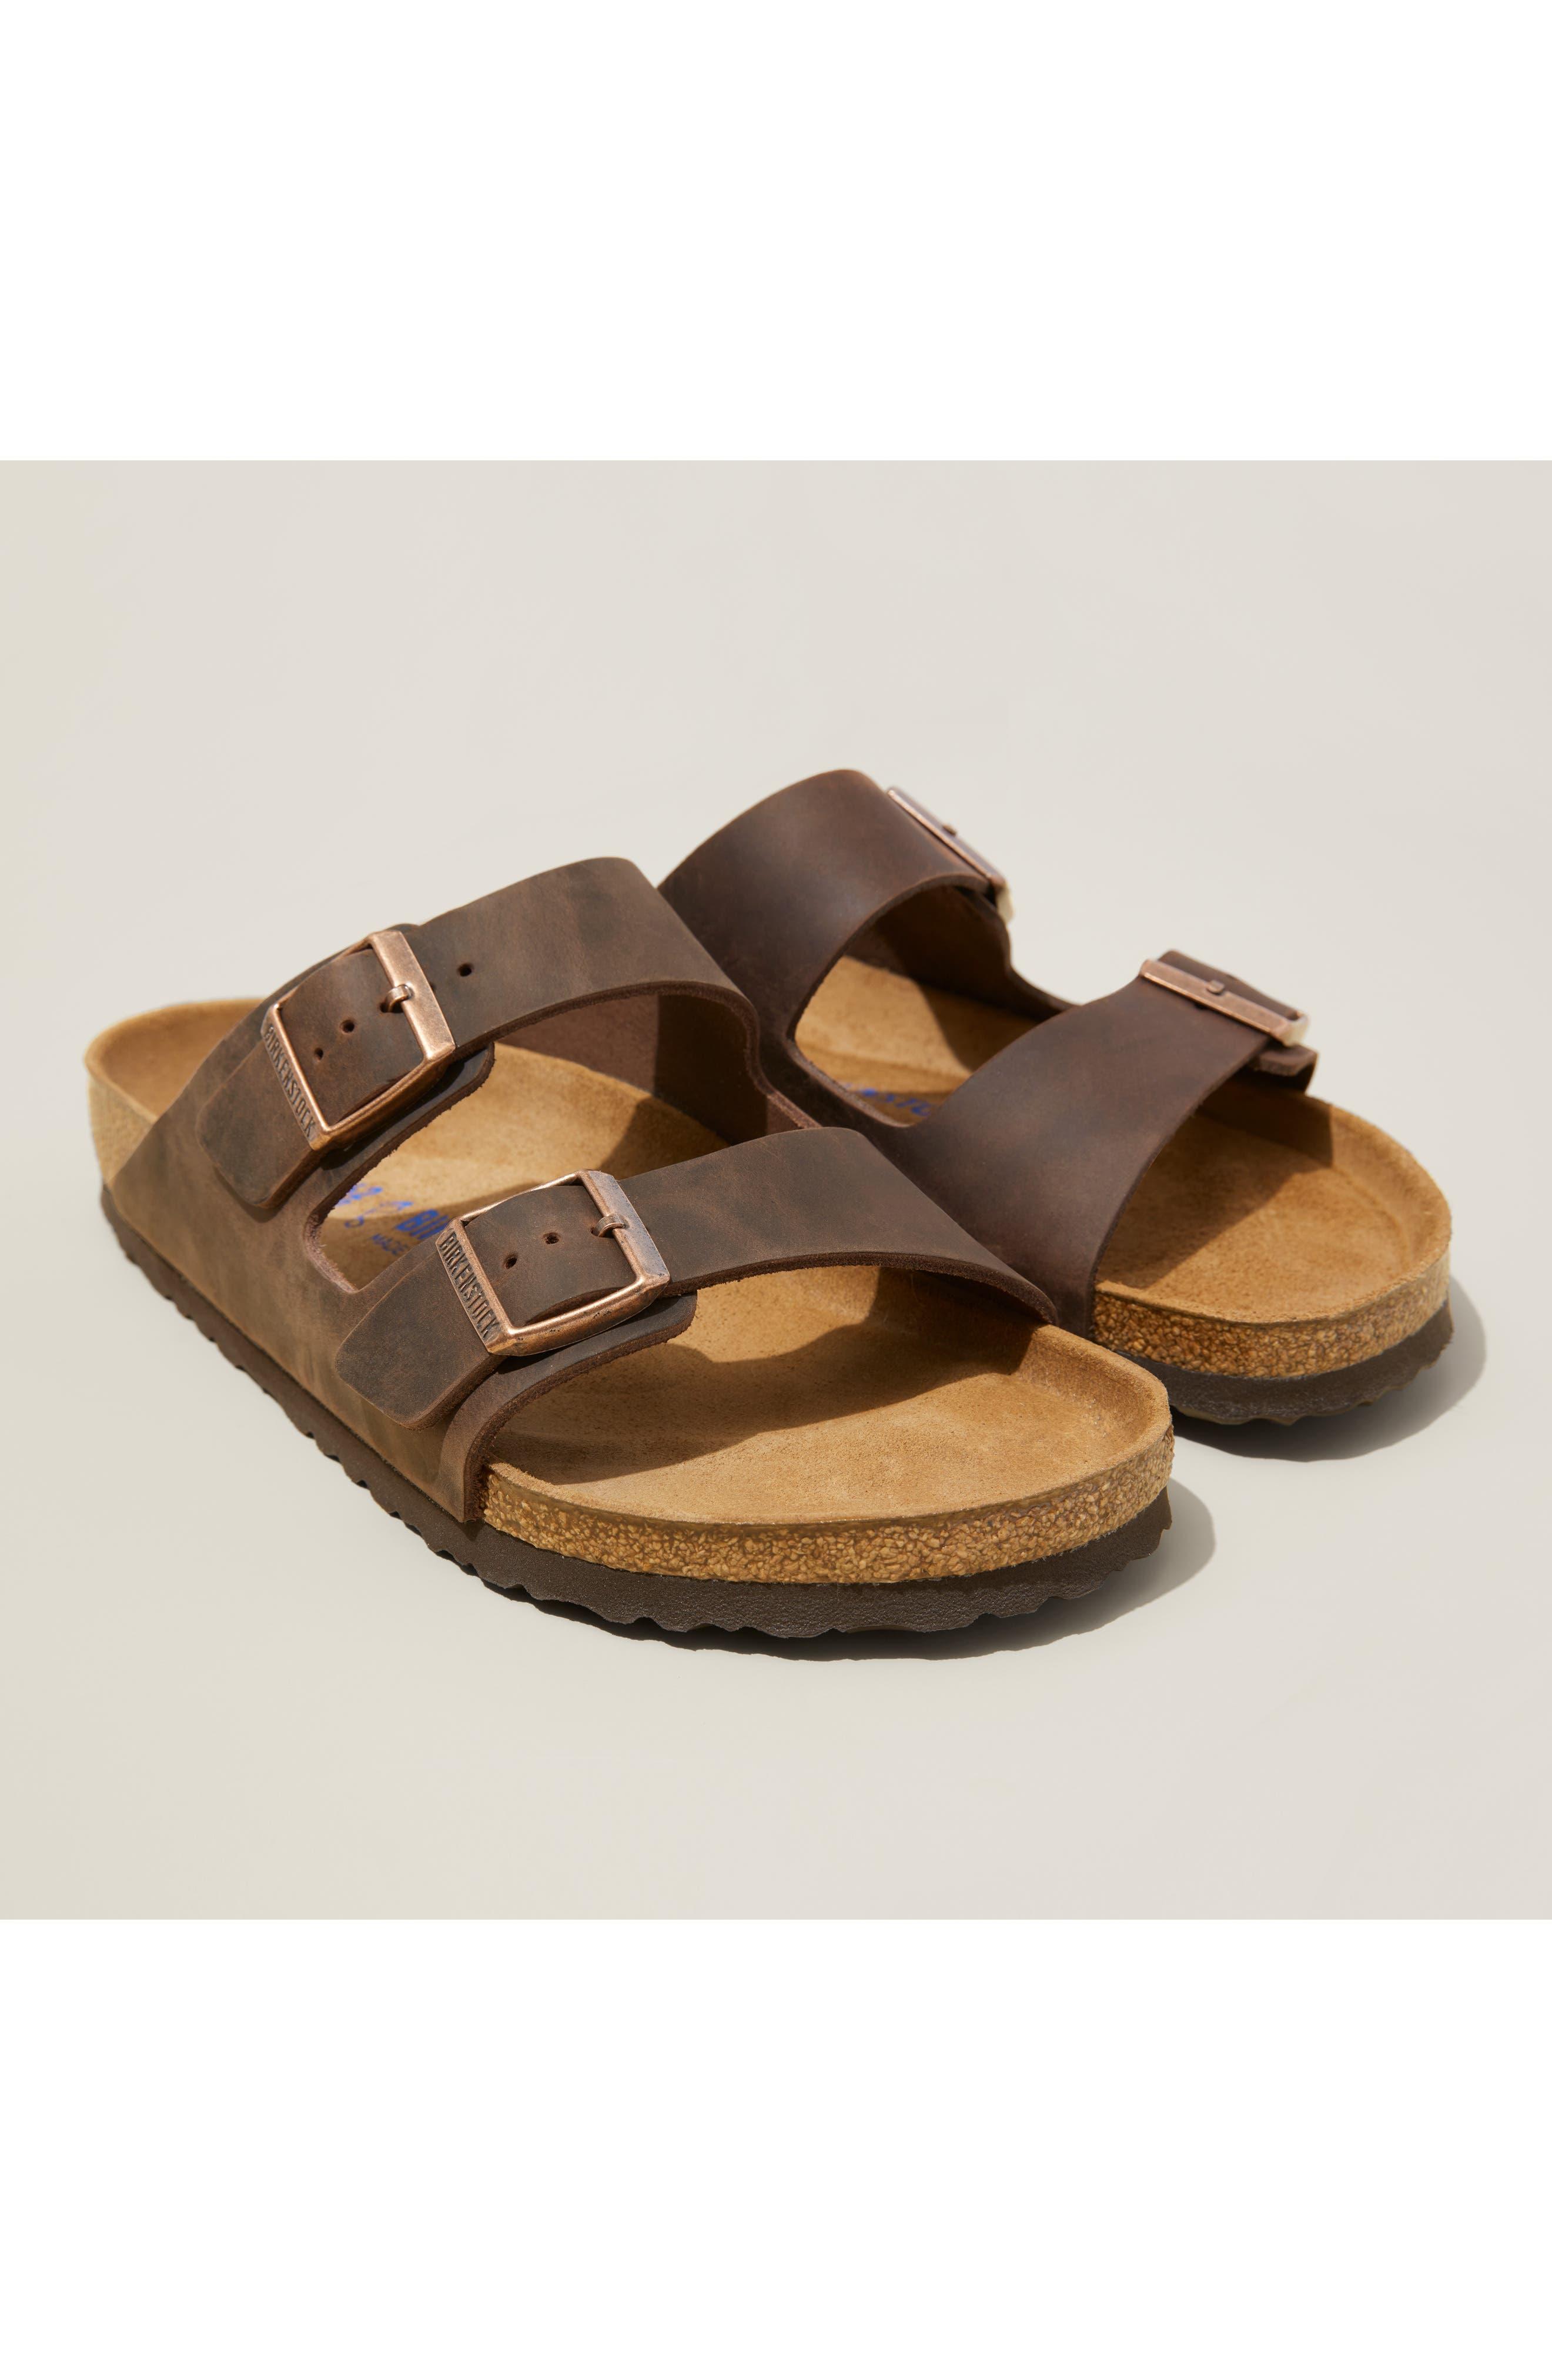 60s Mens Shoes | 70s Mens shoes – Platforms, Boots Mens Birkenstock Arizona Soft Slide Sandal Size 8-8.5US  41EU D - Brown $134.95 AT vintagedancer.com